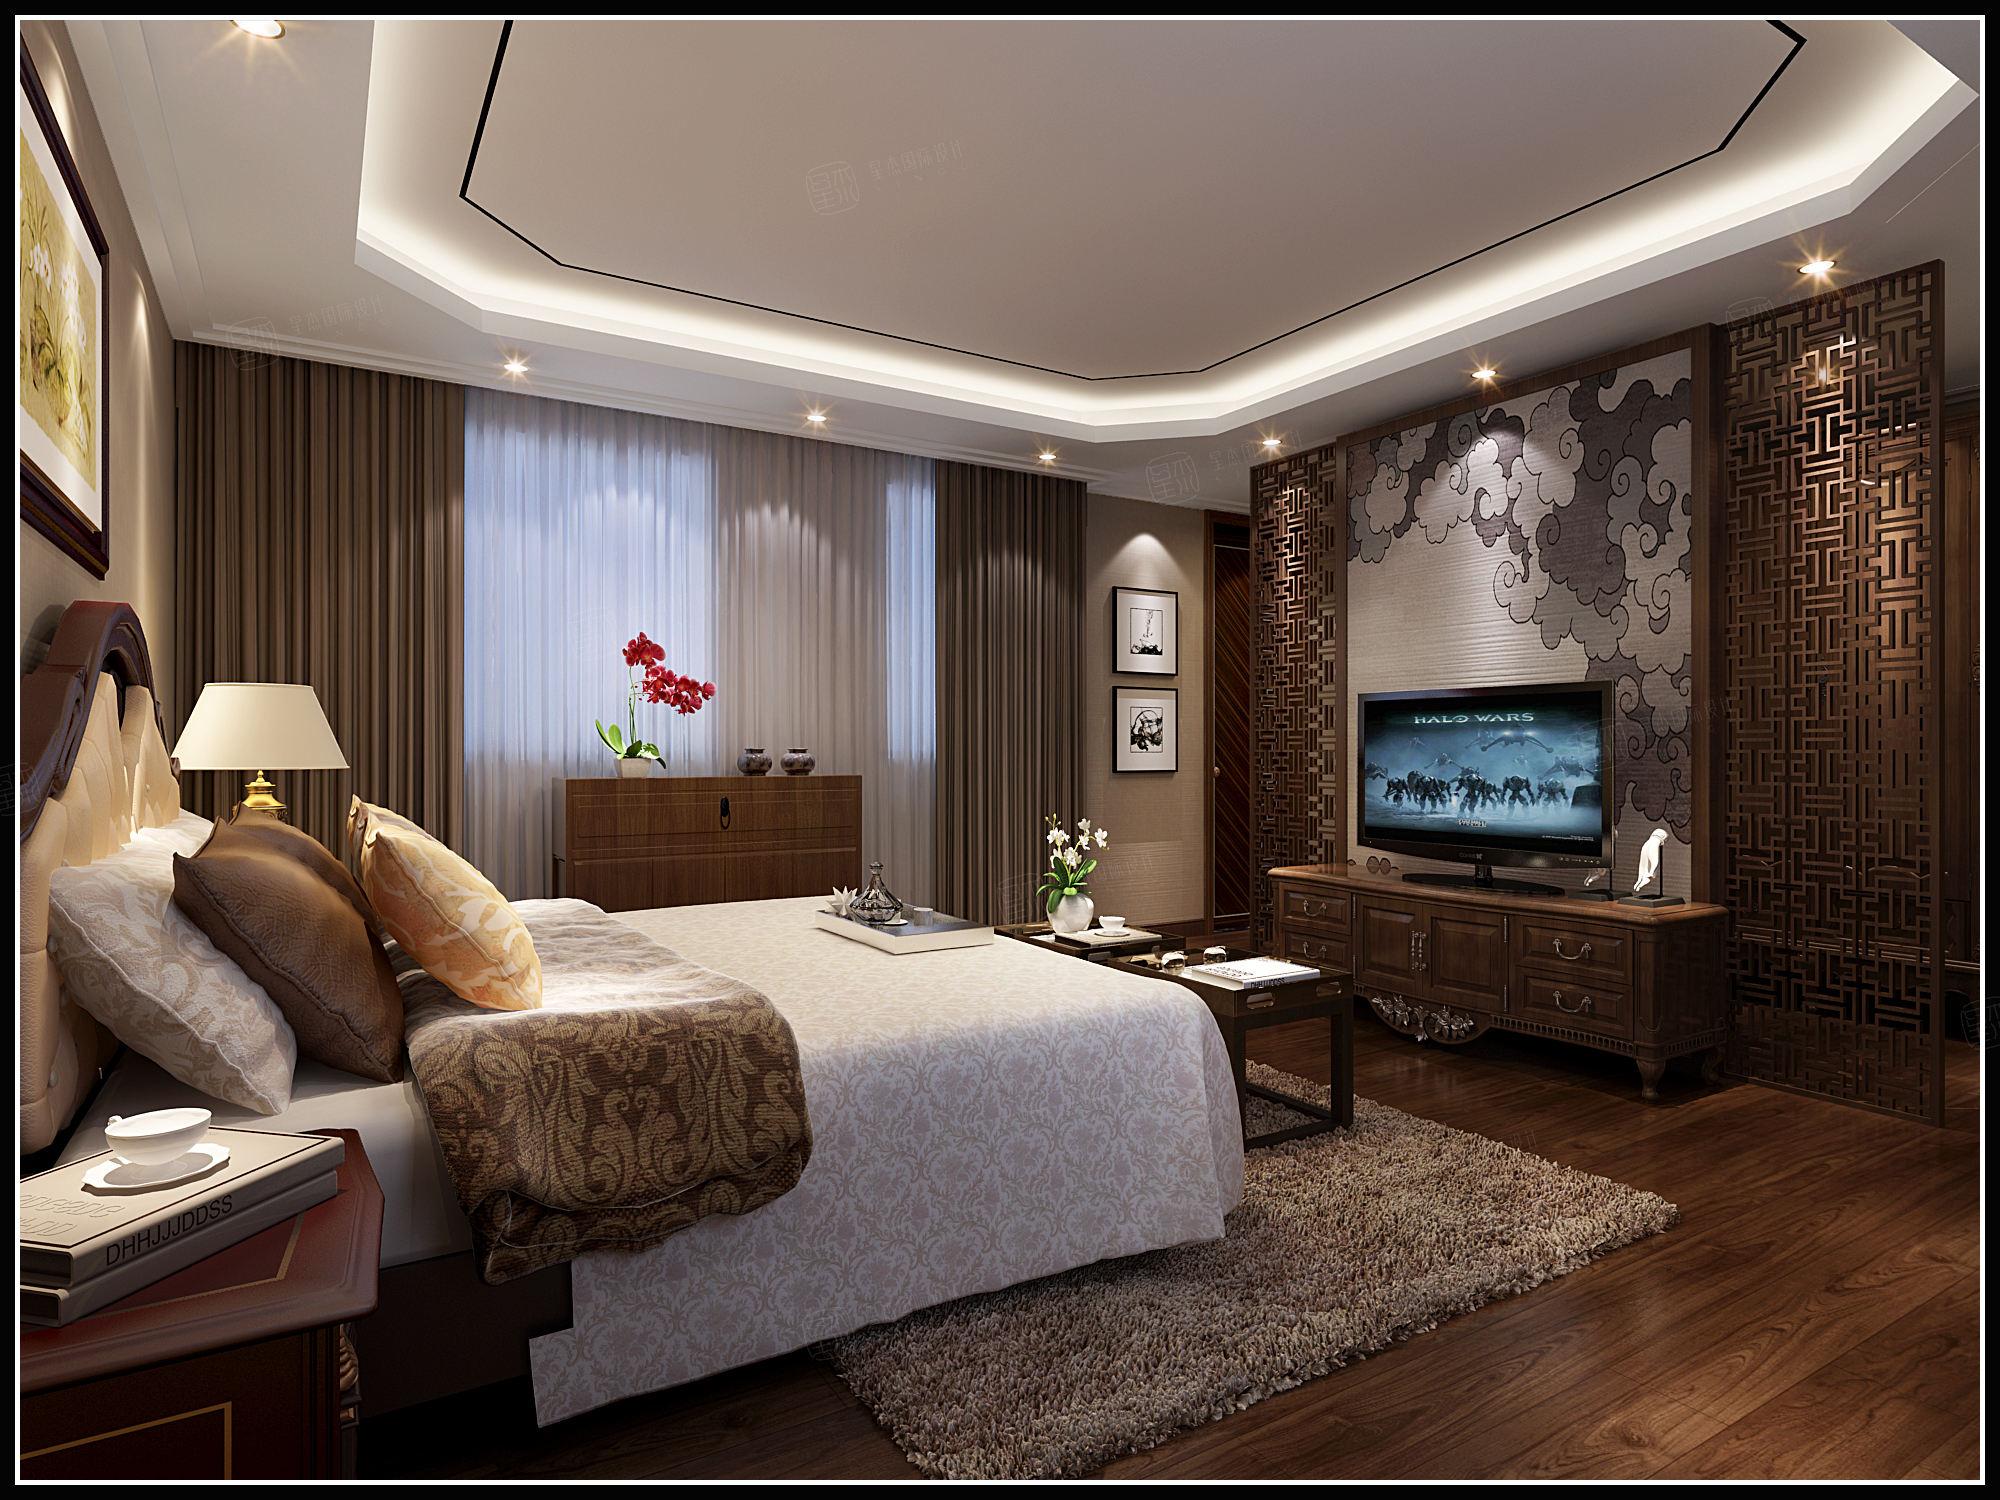 朗诗绿岛 现代中式装修卧室效果图